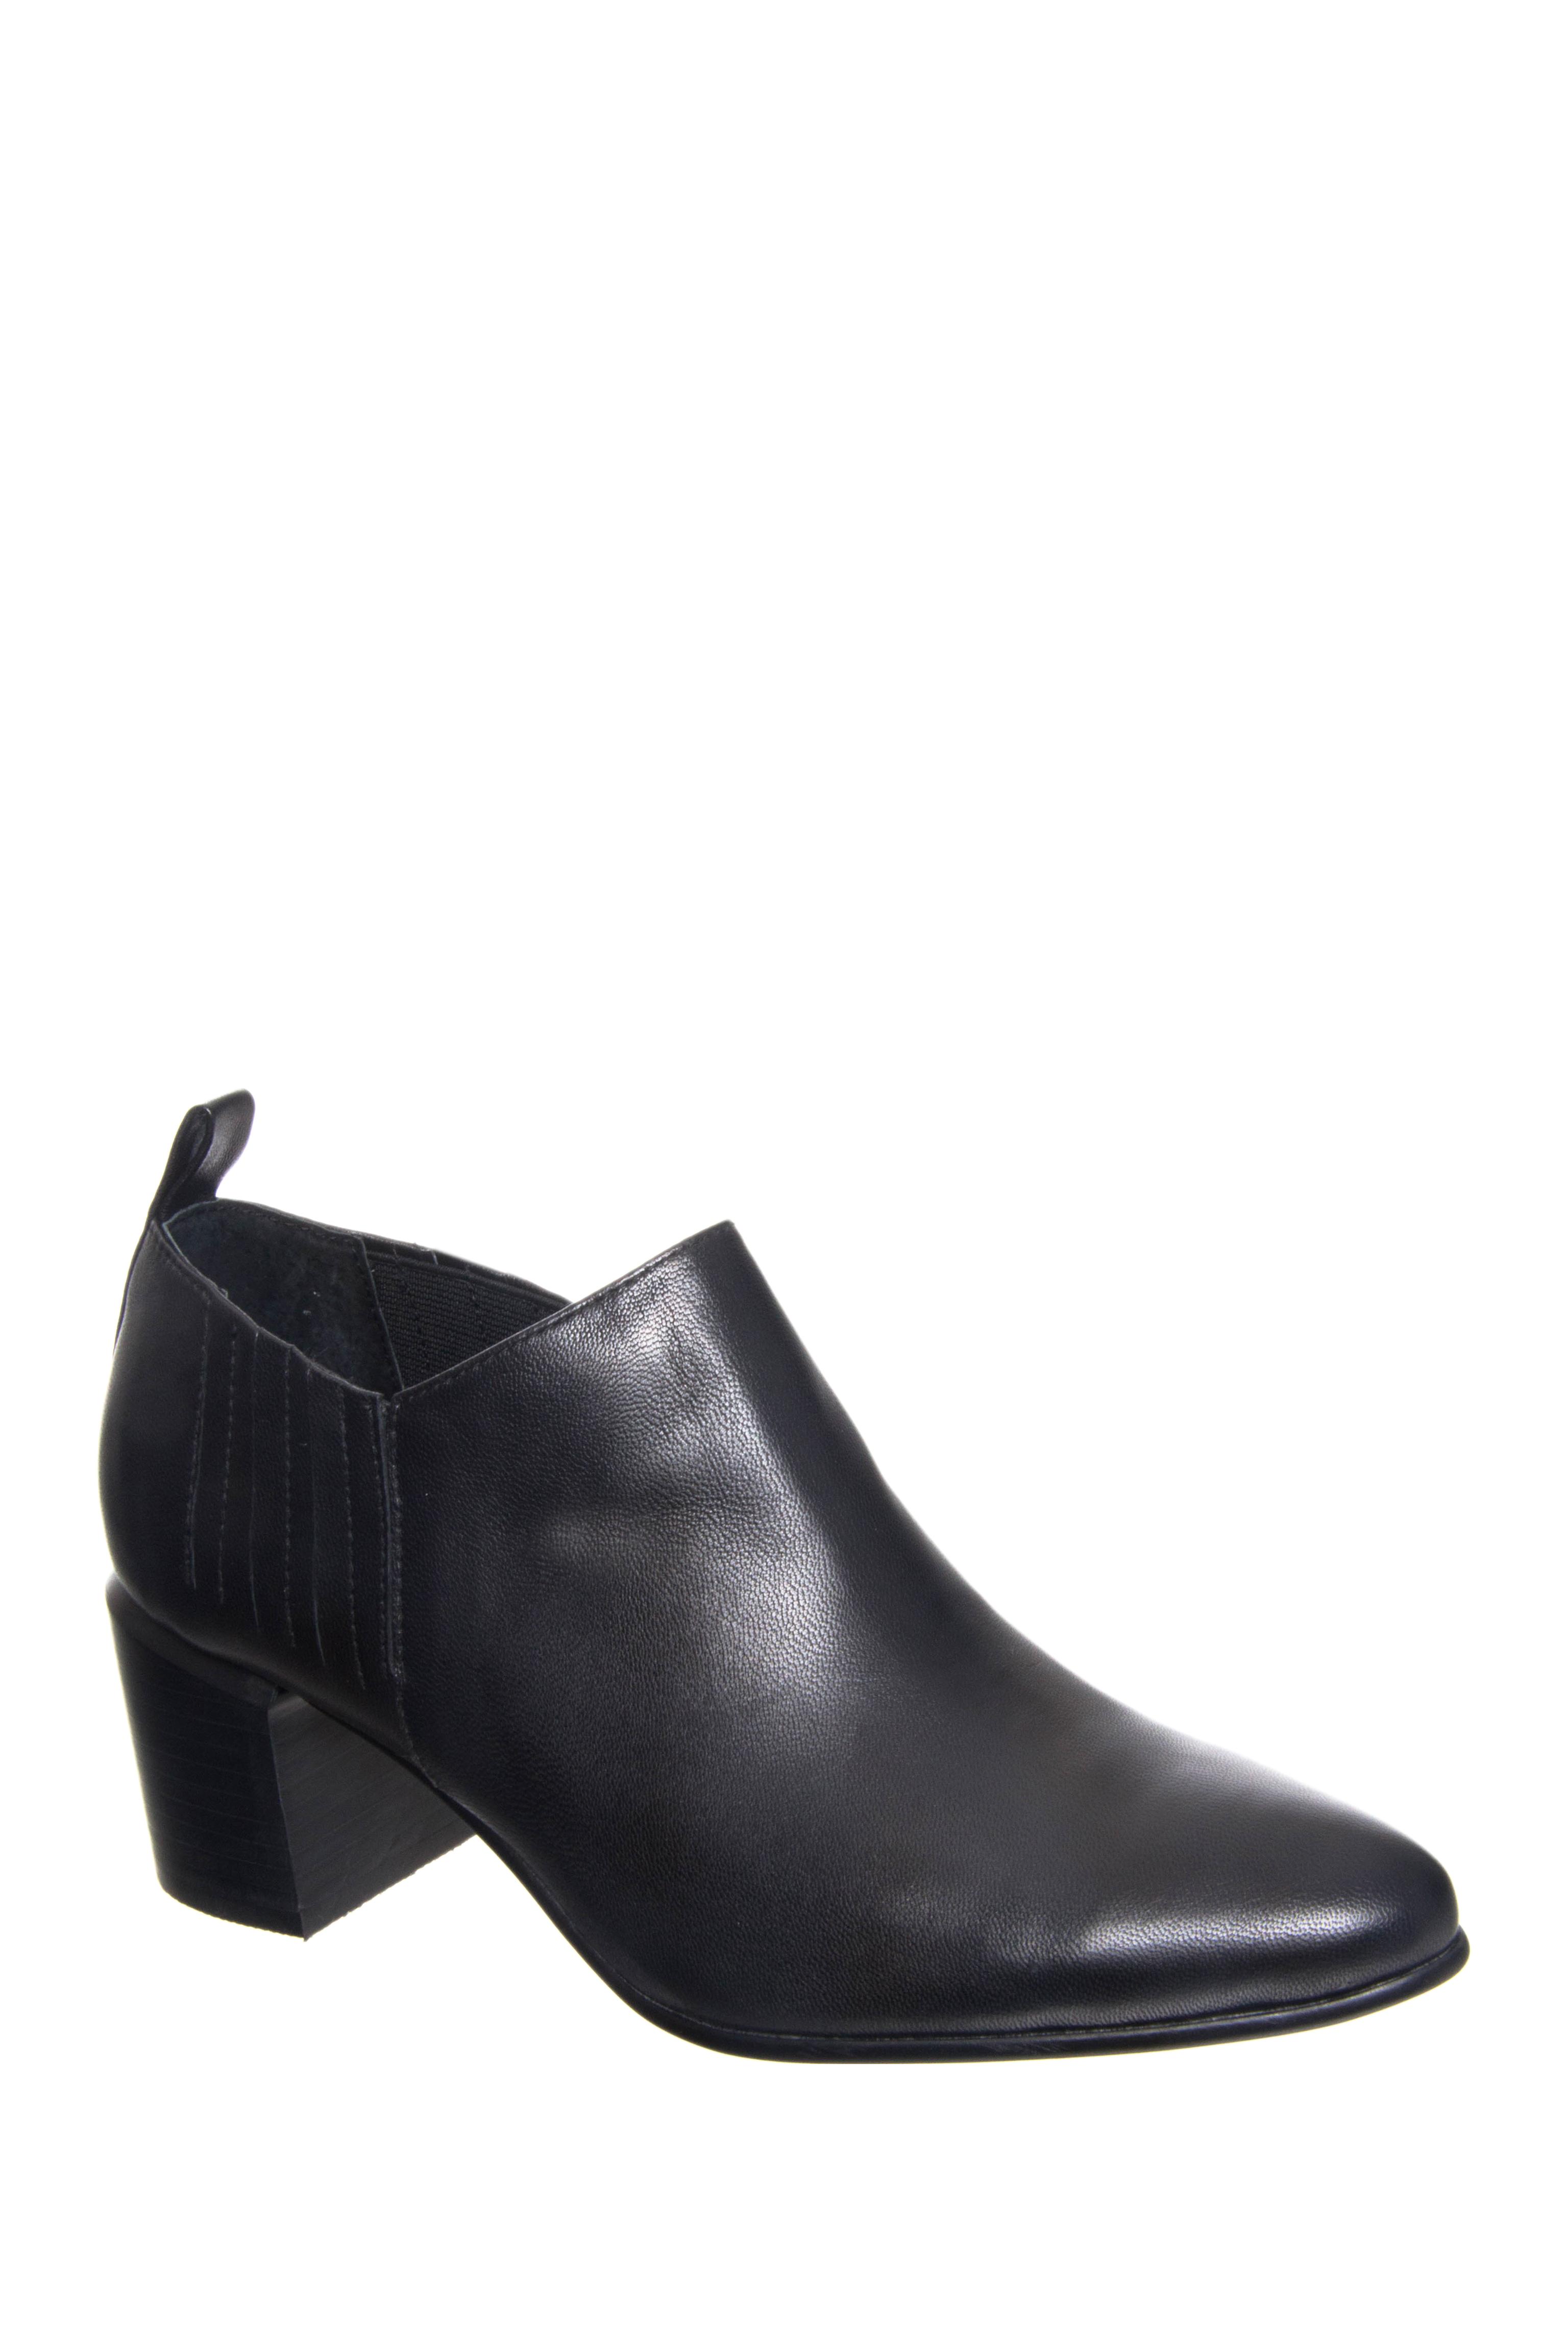 Silent D Heed Mid Heel Booties - Black